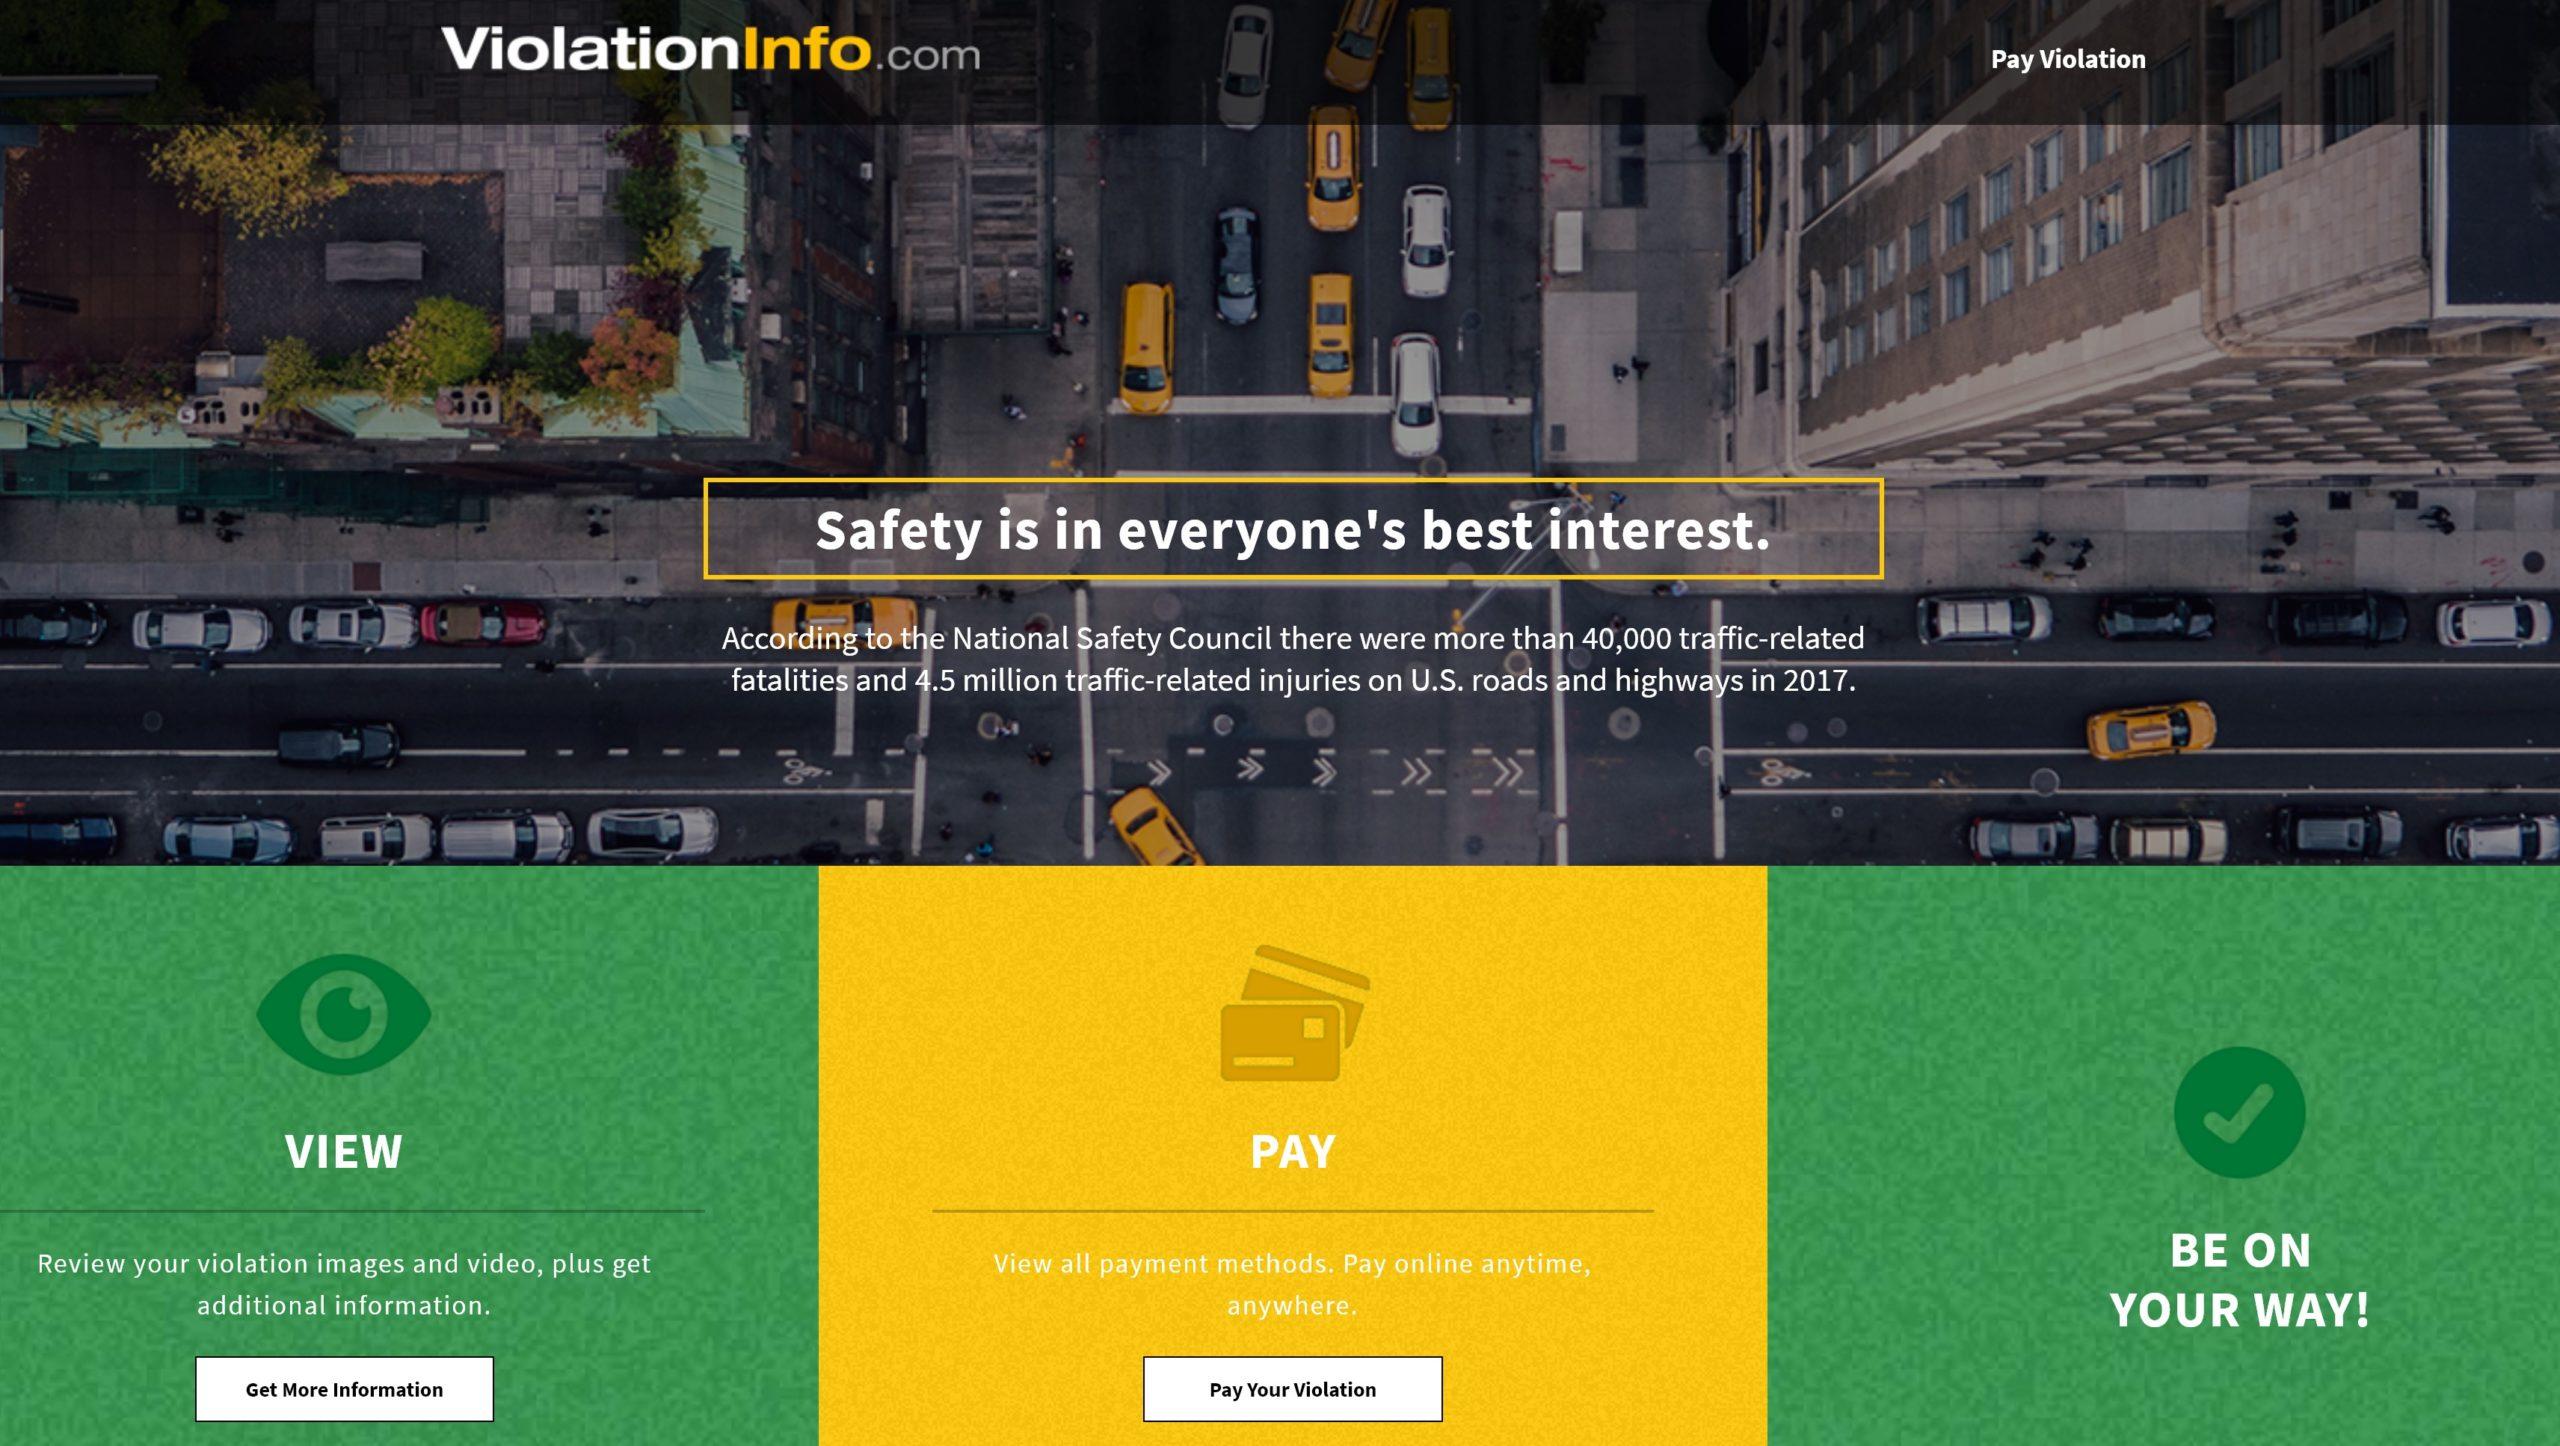 Drivesafelyinnassau - Pay Violation Bill at www.violationinfo.com